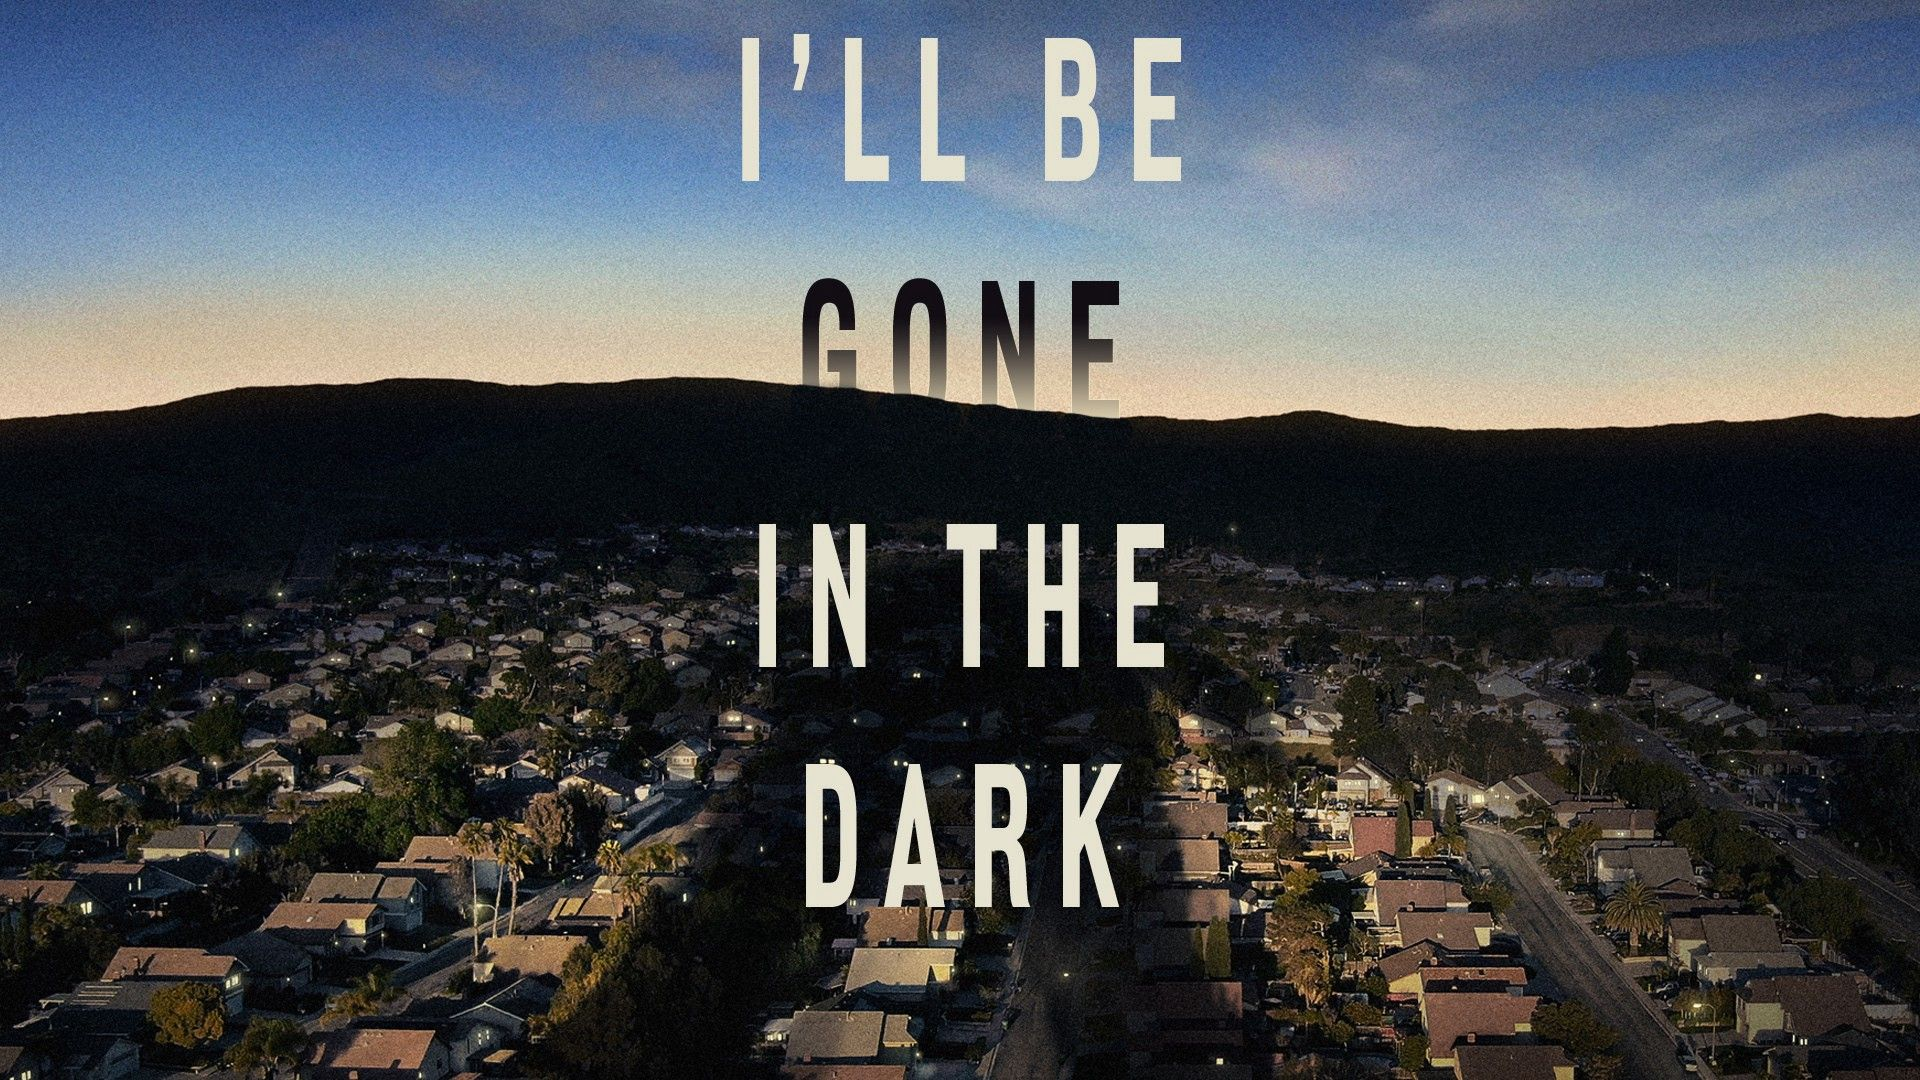 Zmizím ve tmě: s1e6